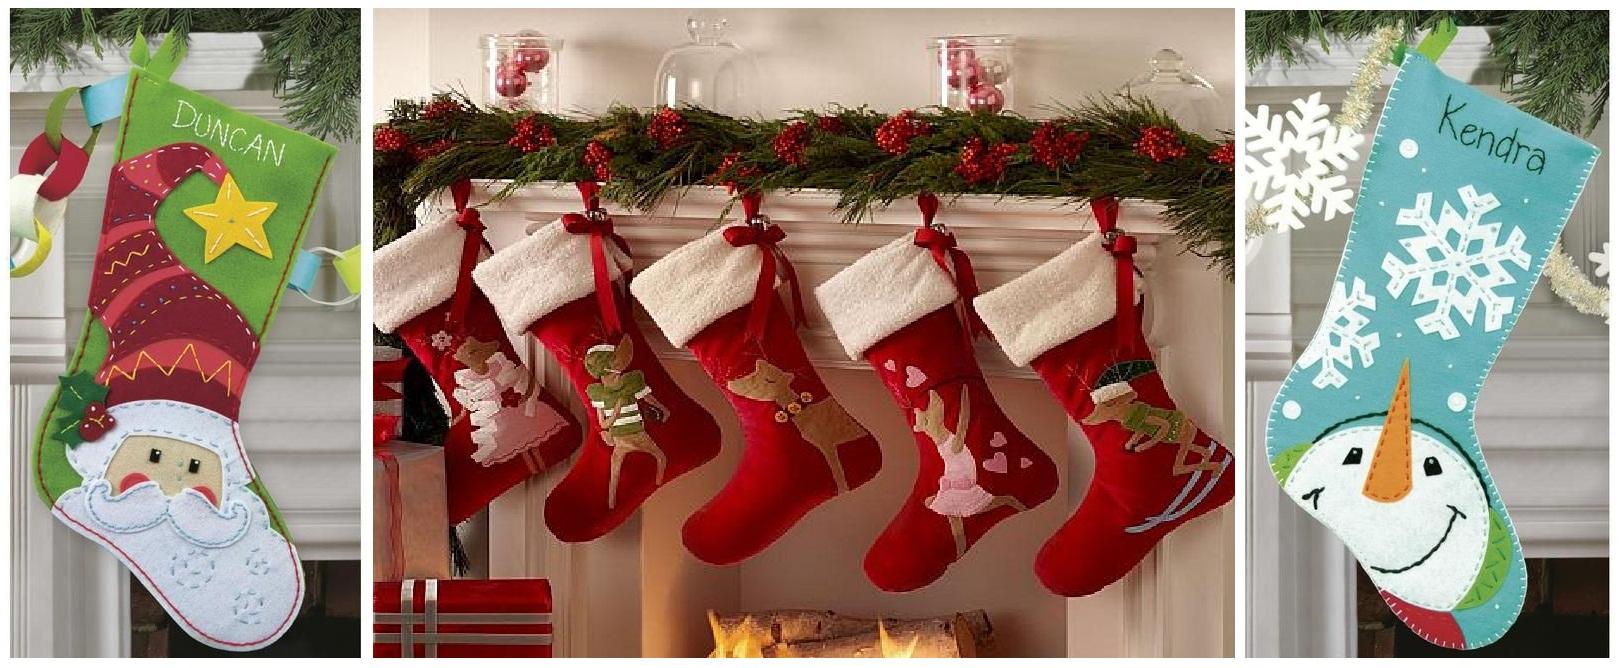 Передача негативной энергии с подарком носков: особенности приметы